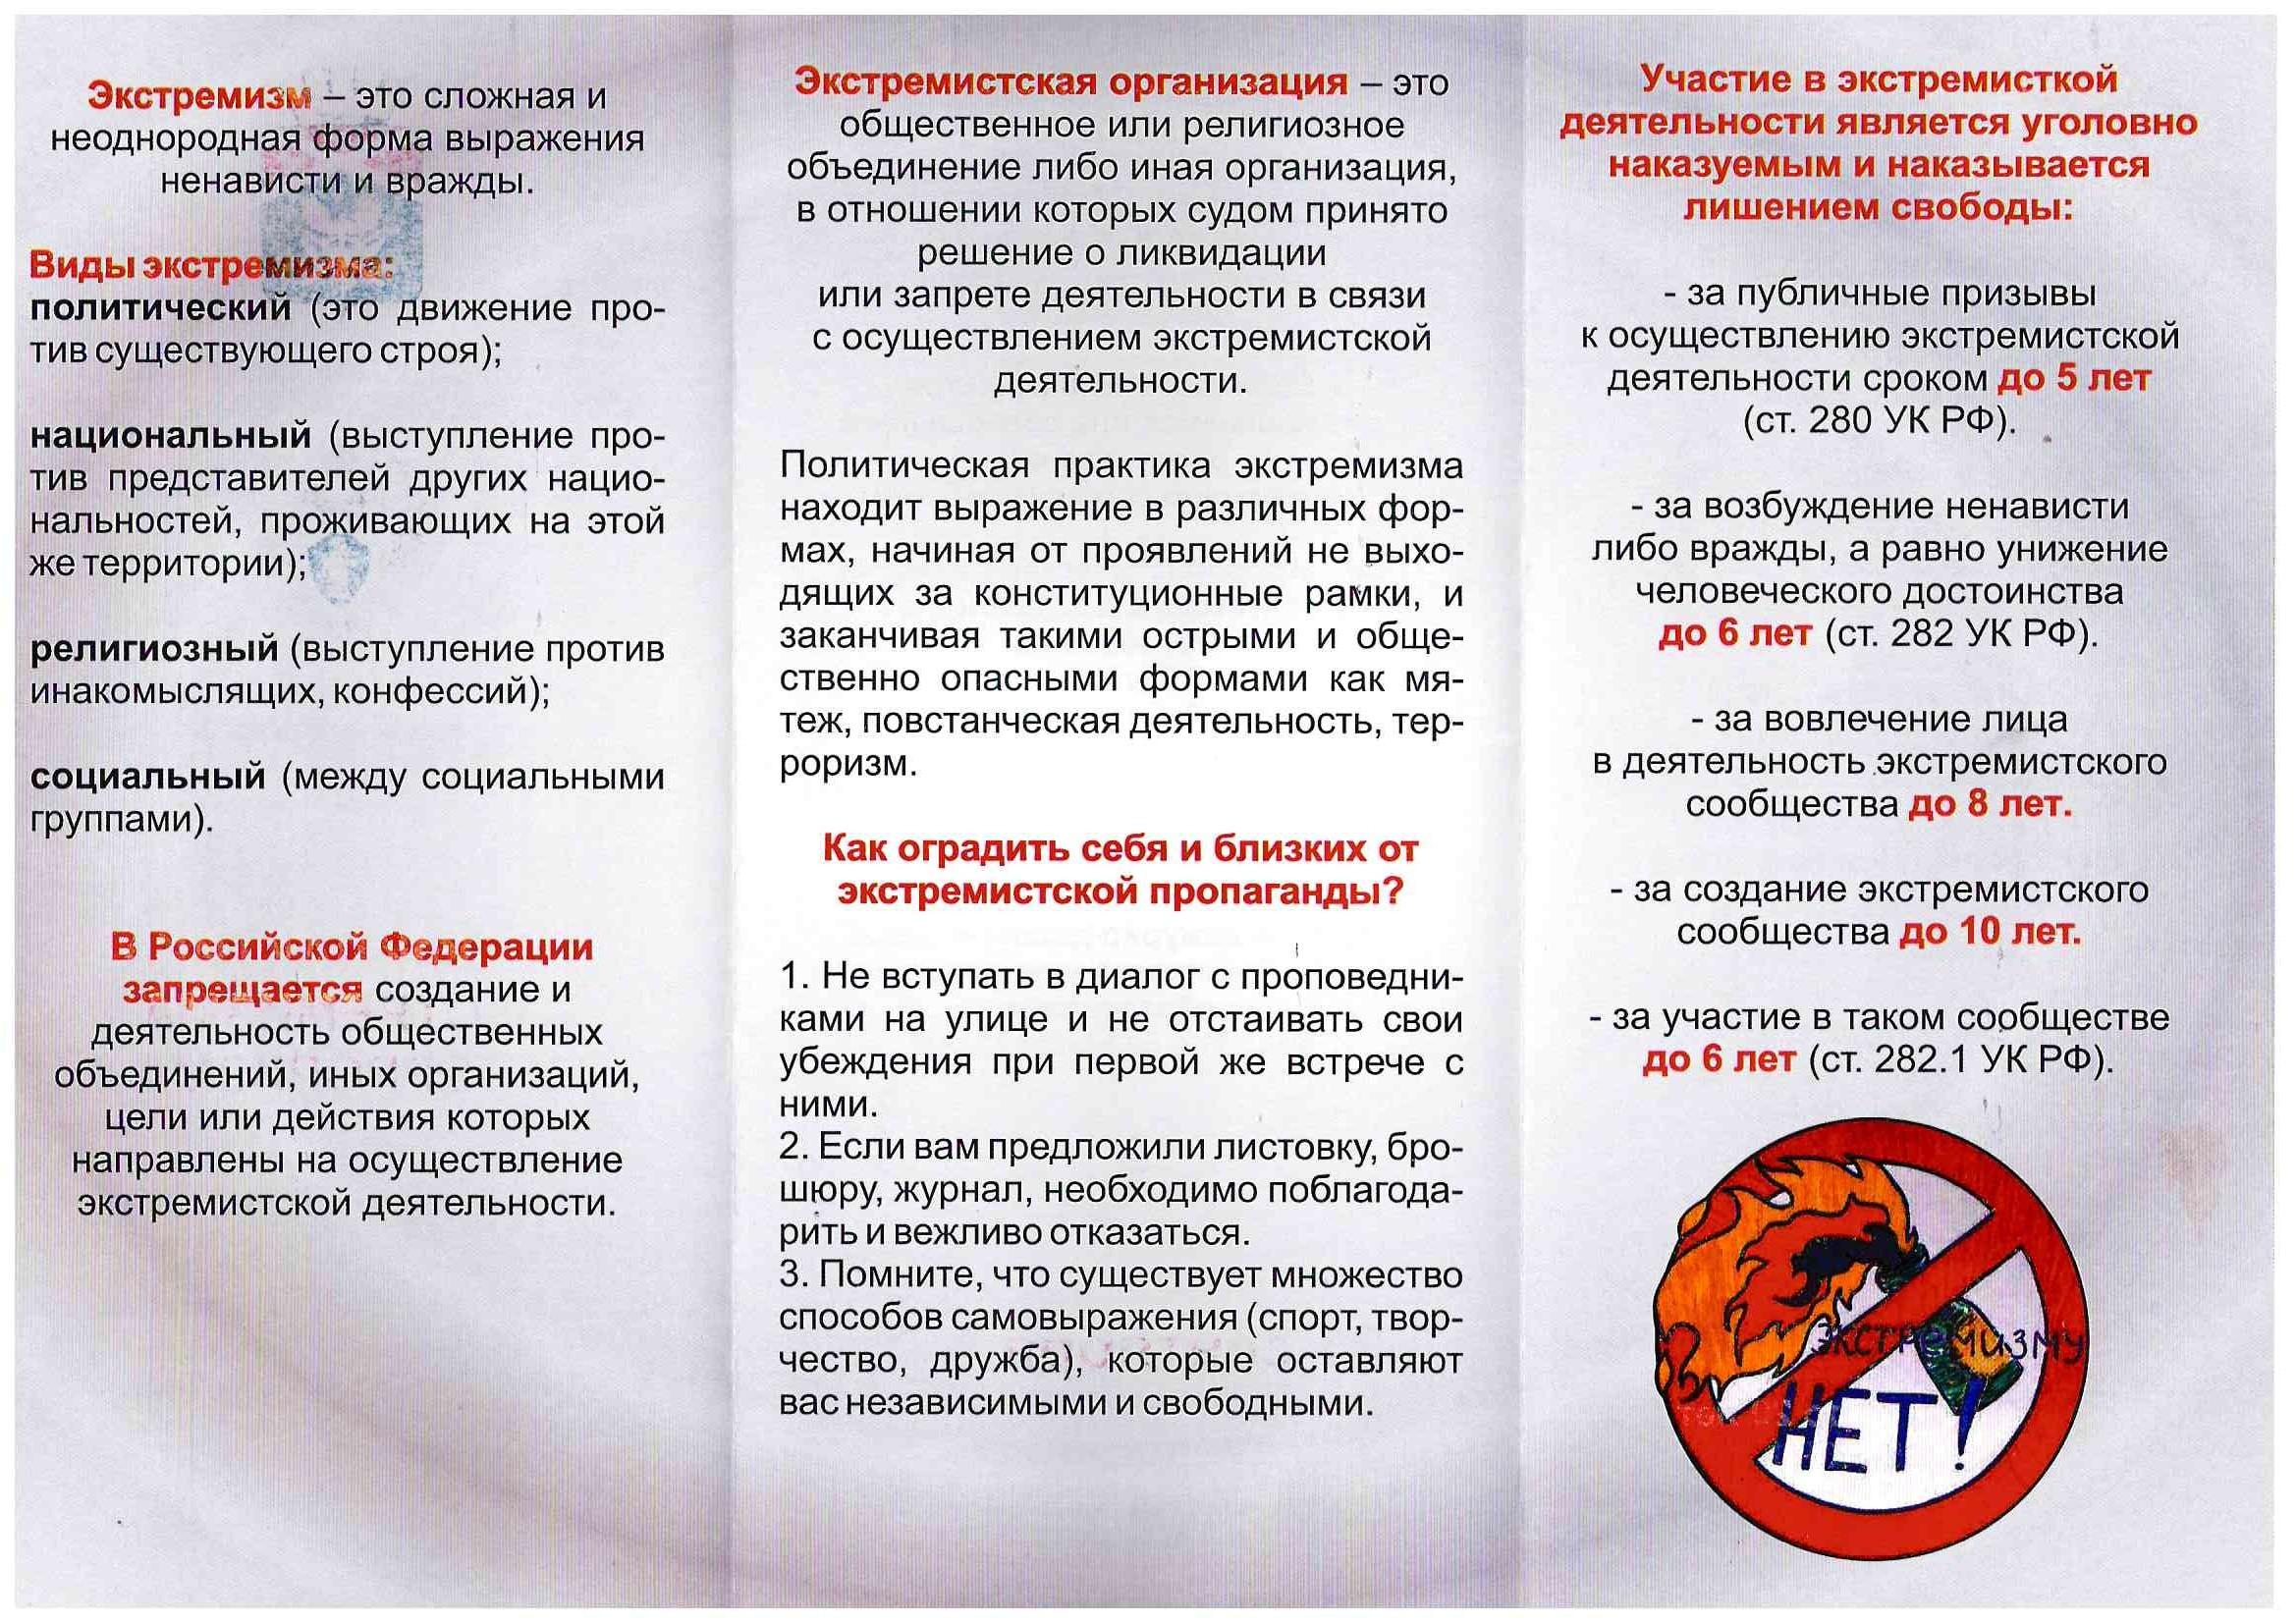 Профилактика экстремизма и терроризма (2)